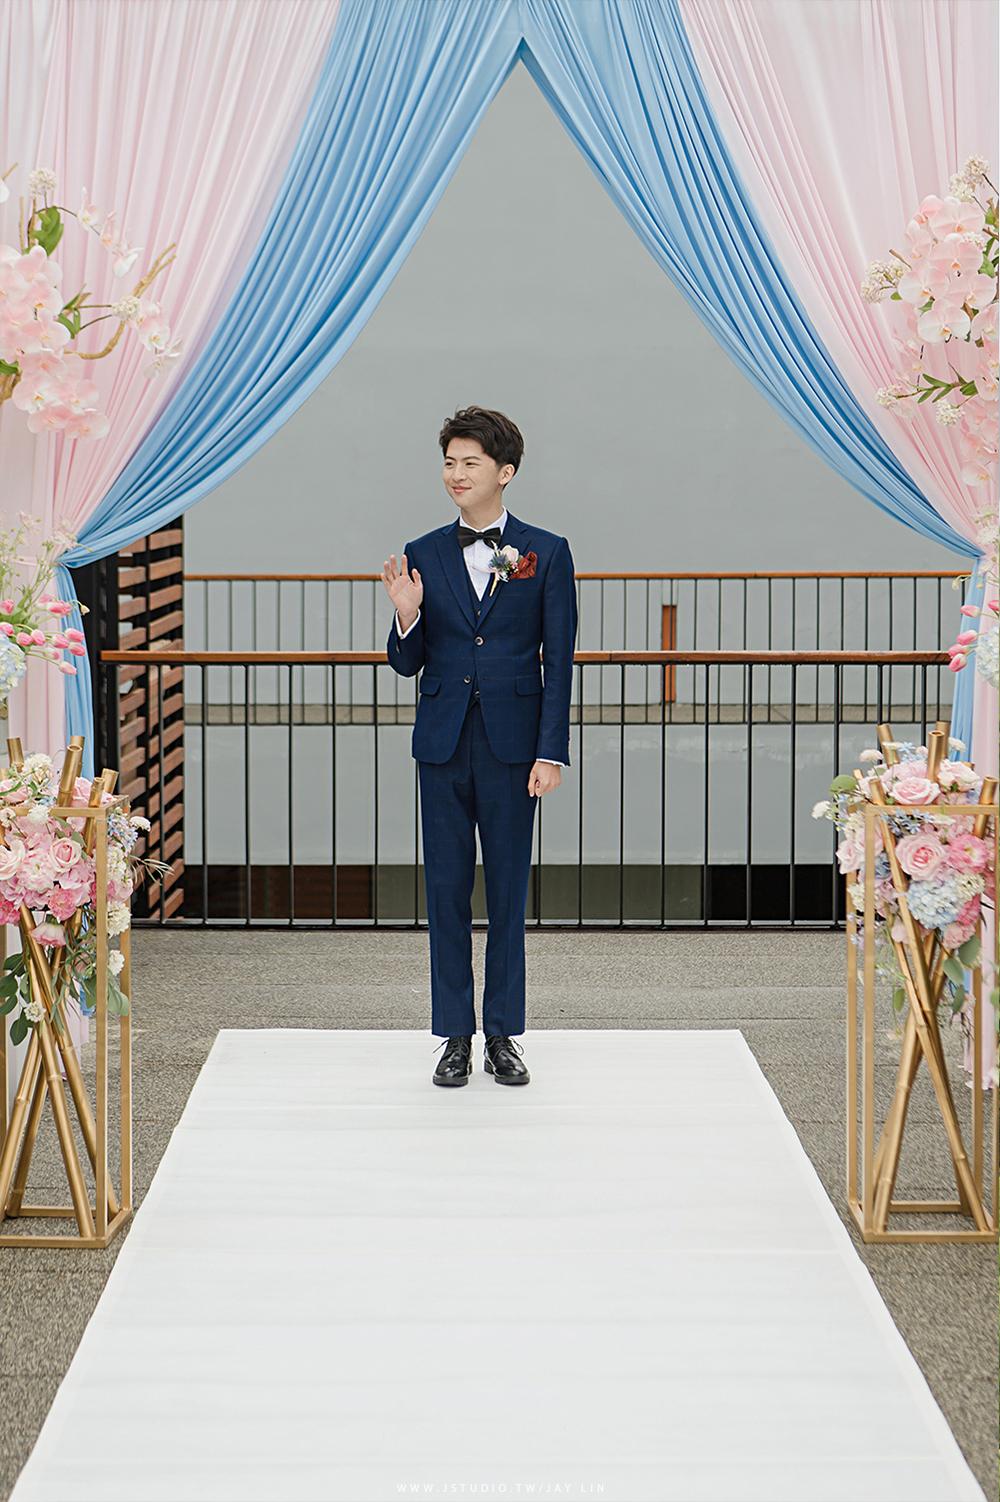 婚攝 日月潭 涵碧樓 戶外證婚 婚禮紀錄 推薦婚攝 JSTUDIO_0074